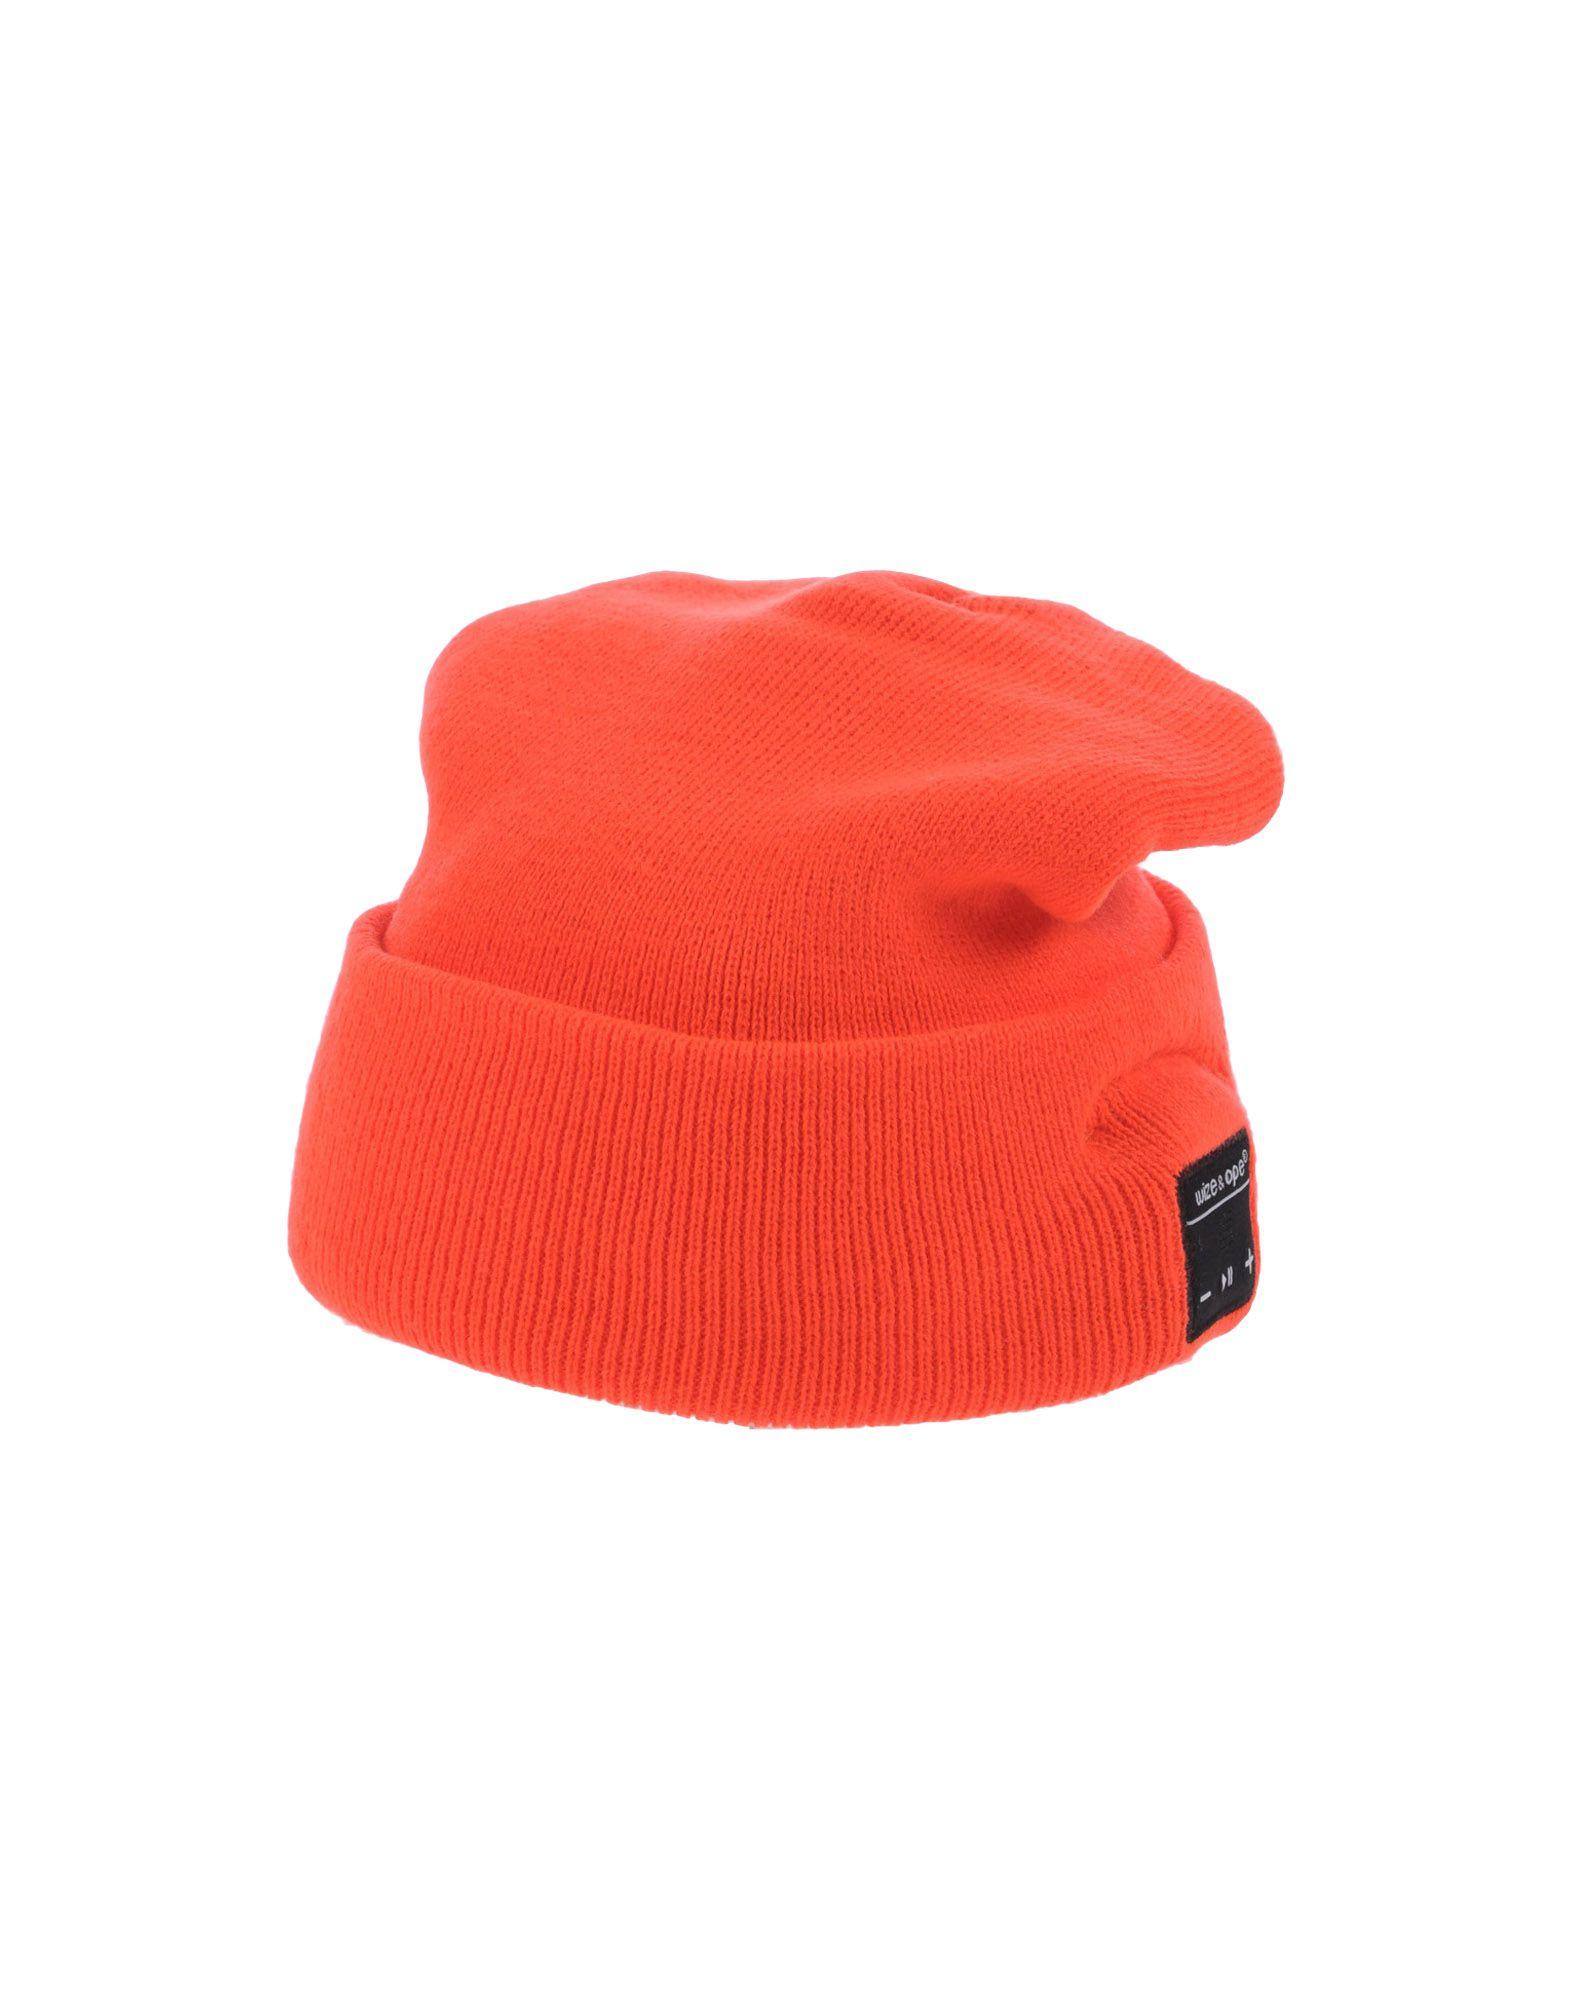 《送料無料》WIZE & OPE レディース 帽子 レッド one size アクリル 100%